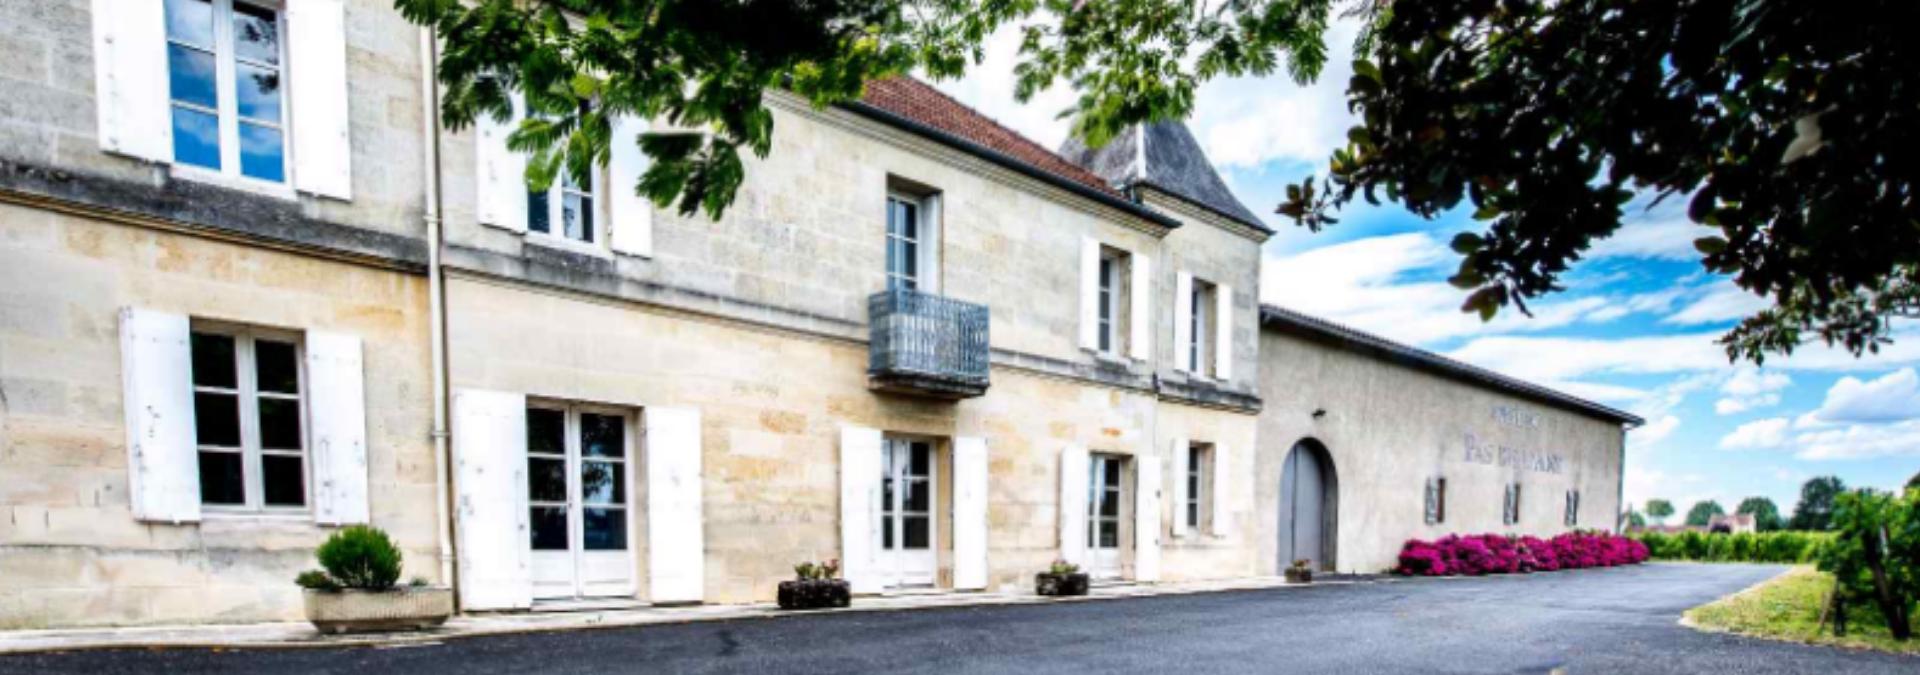 Château Pas de l'Âne – Oenanim